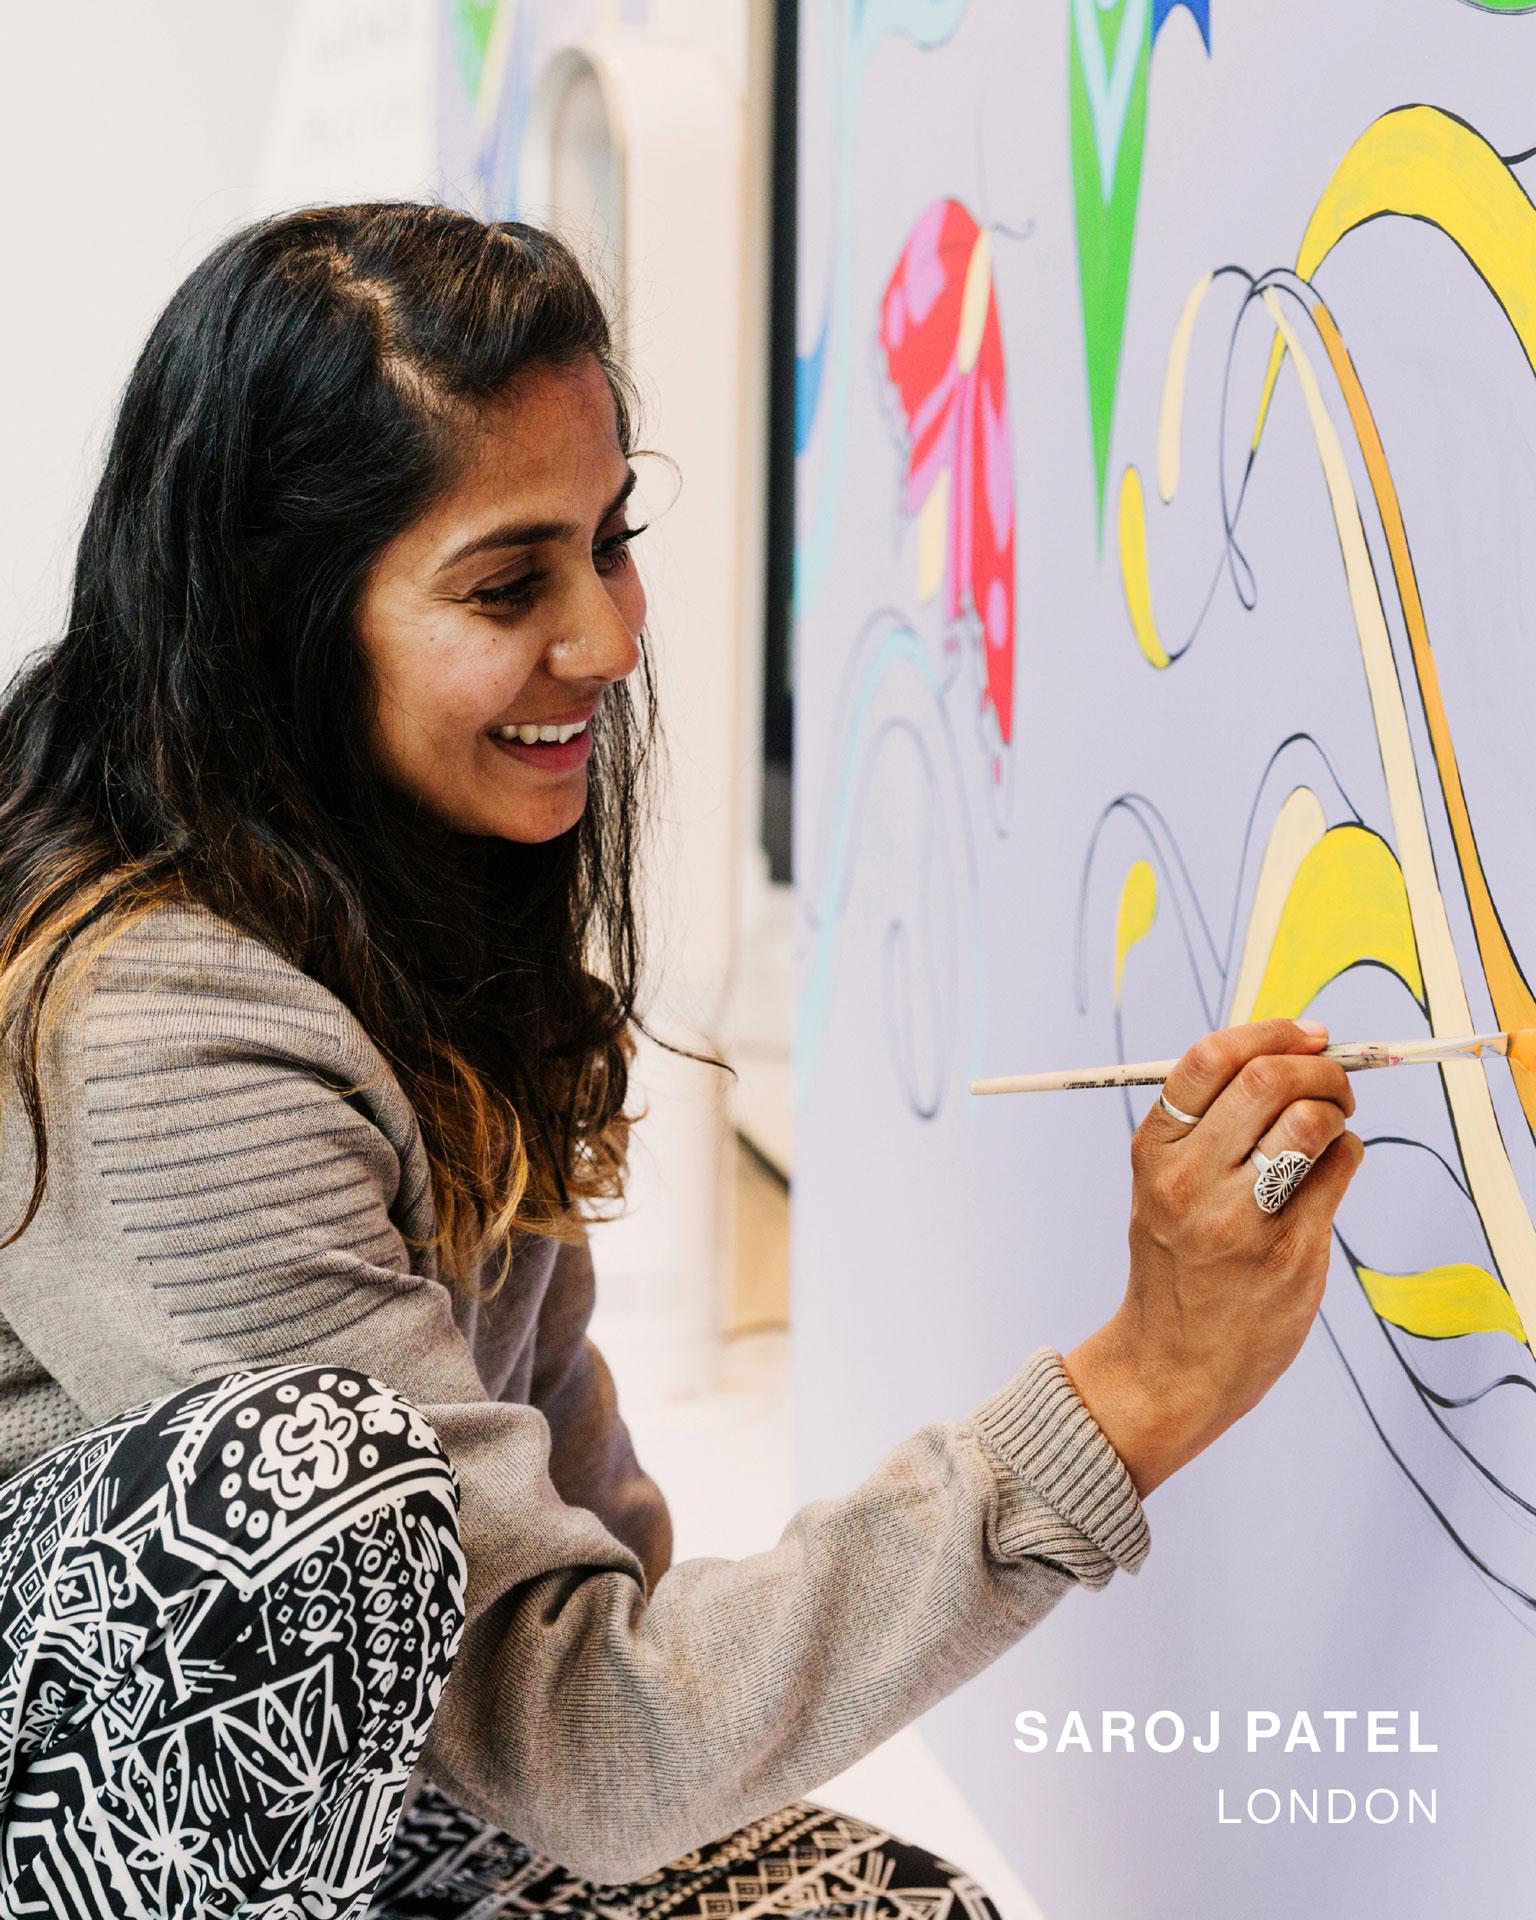 Canada Goose artist in residence Saroj